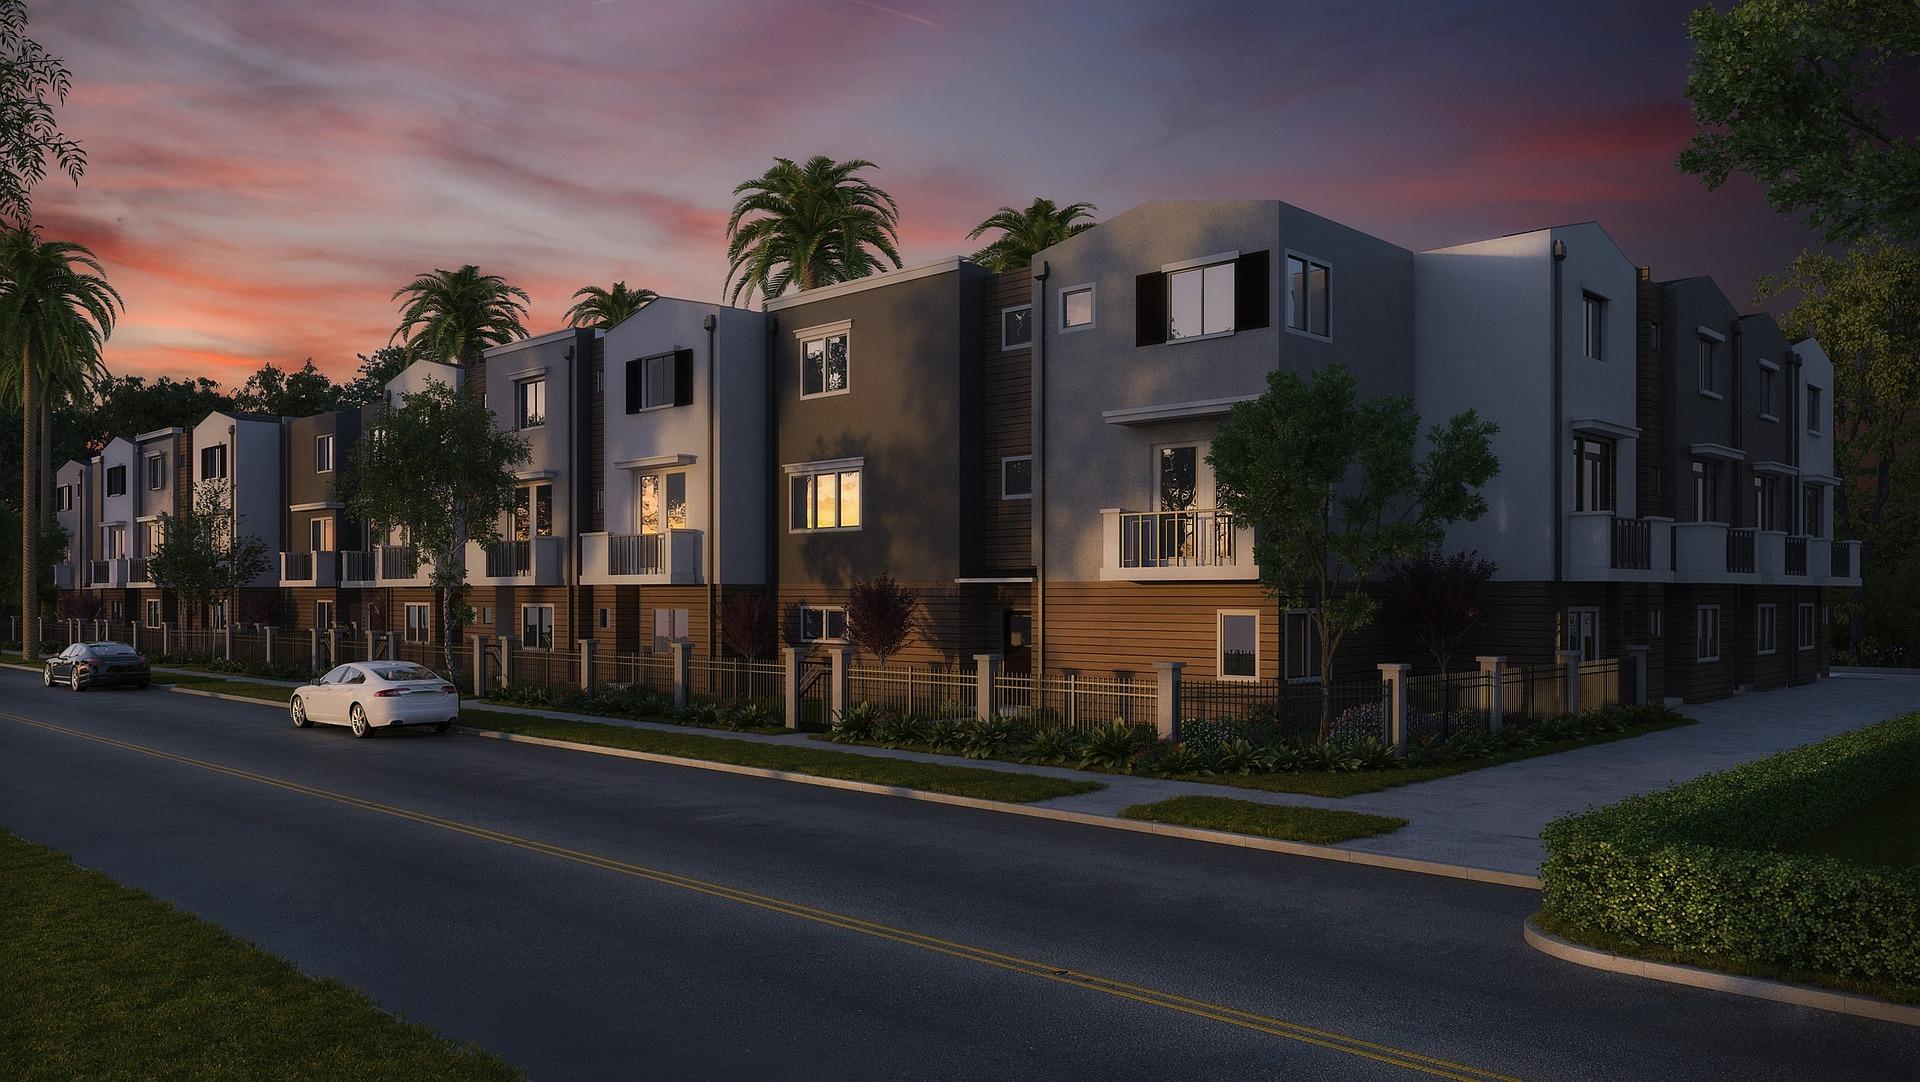 Homeowner and Condominium Associations